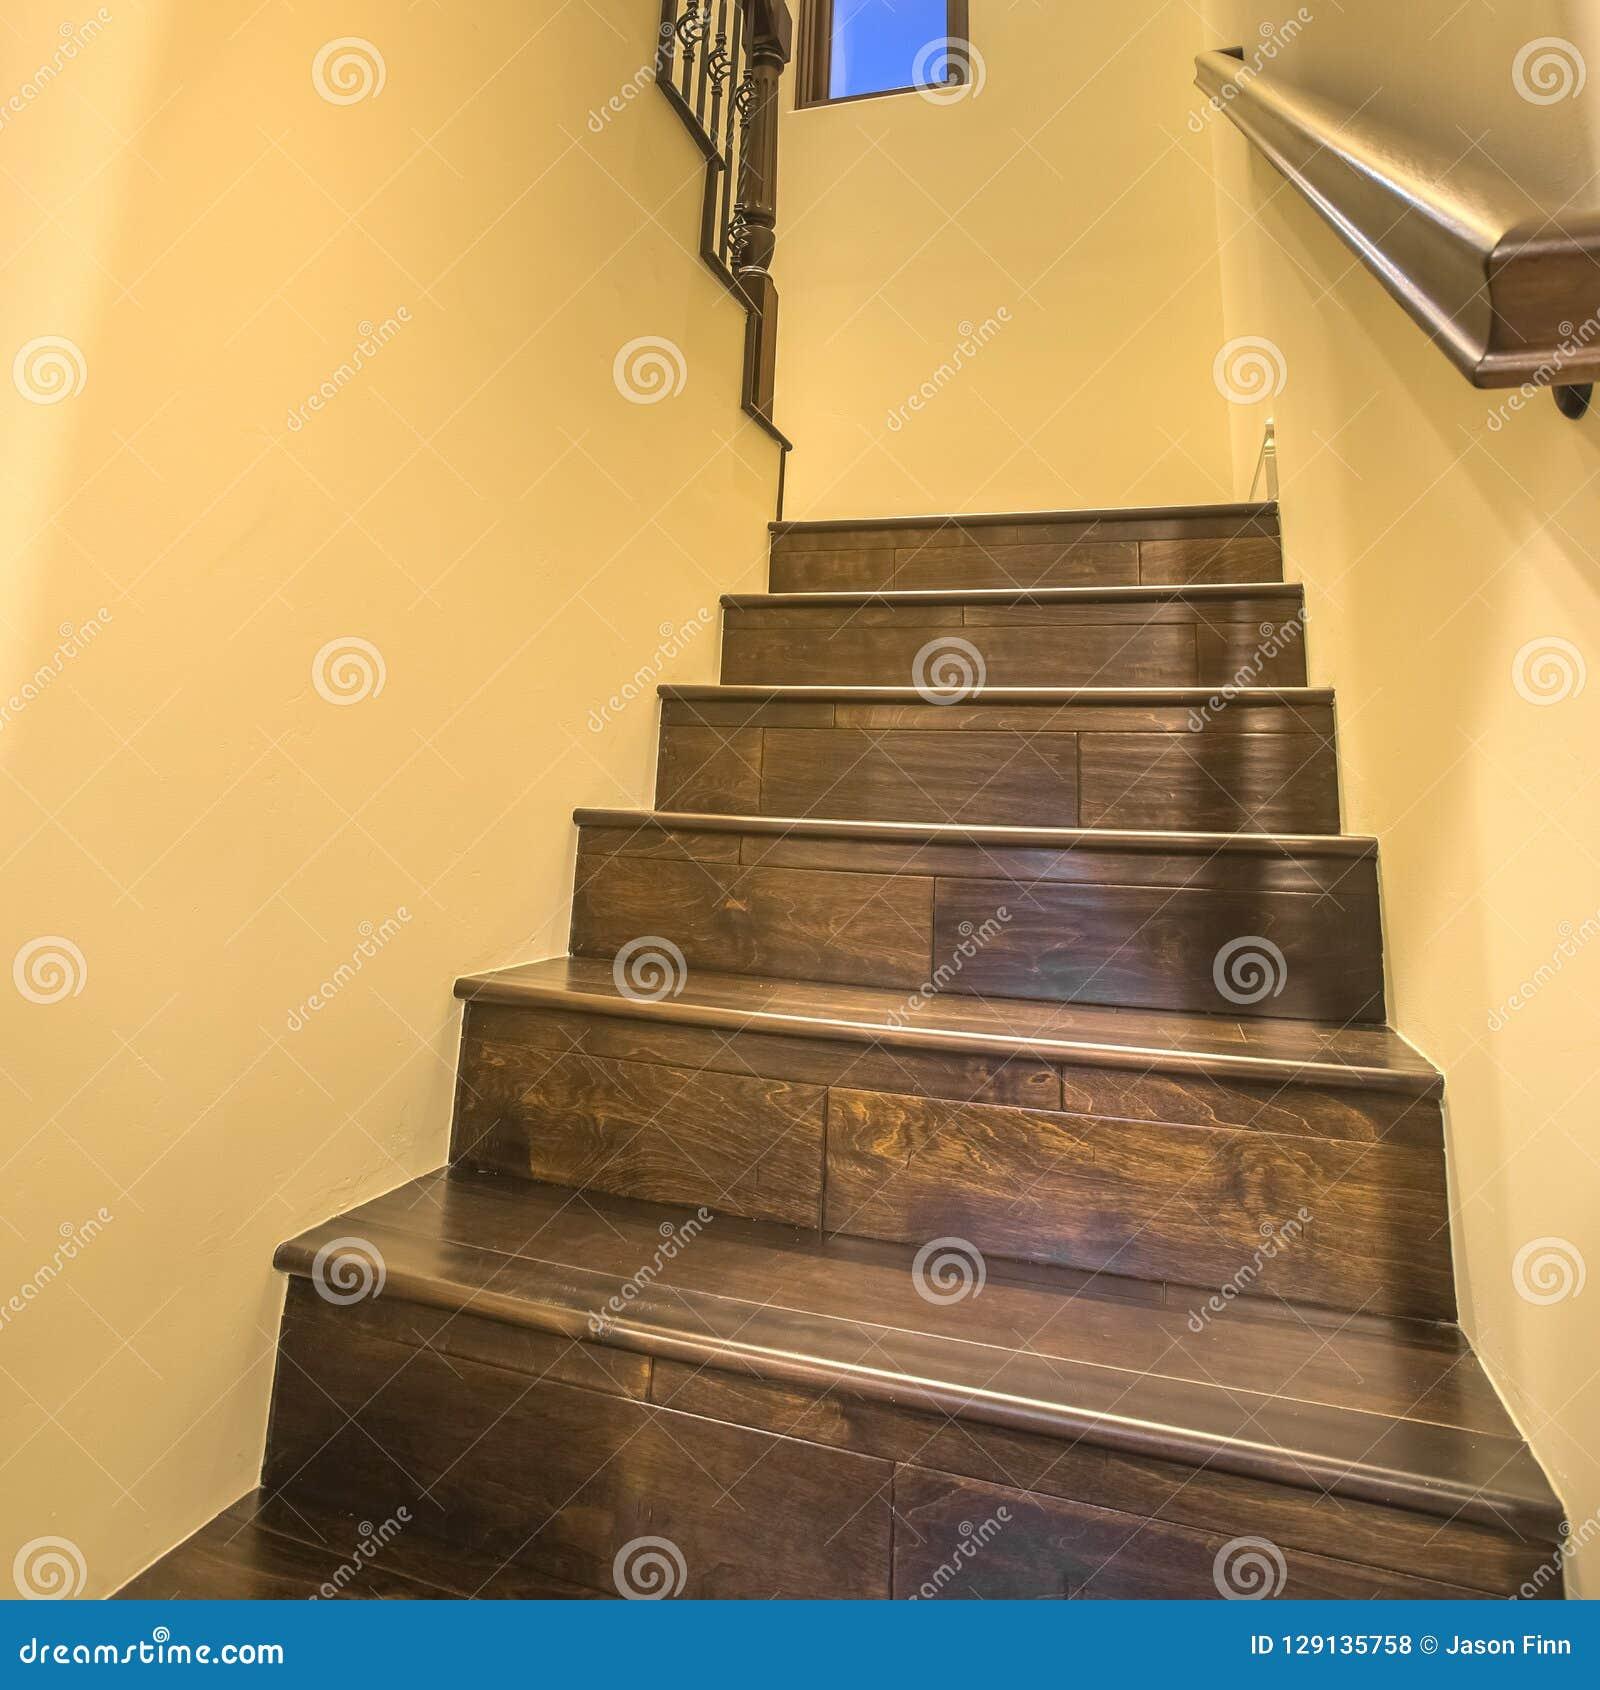 Escaliers En Bois Intérieurs Menant Au Plancher Supérieur Photo ...